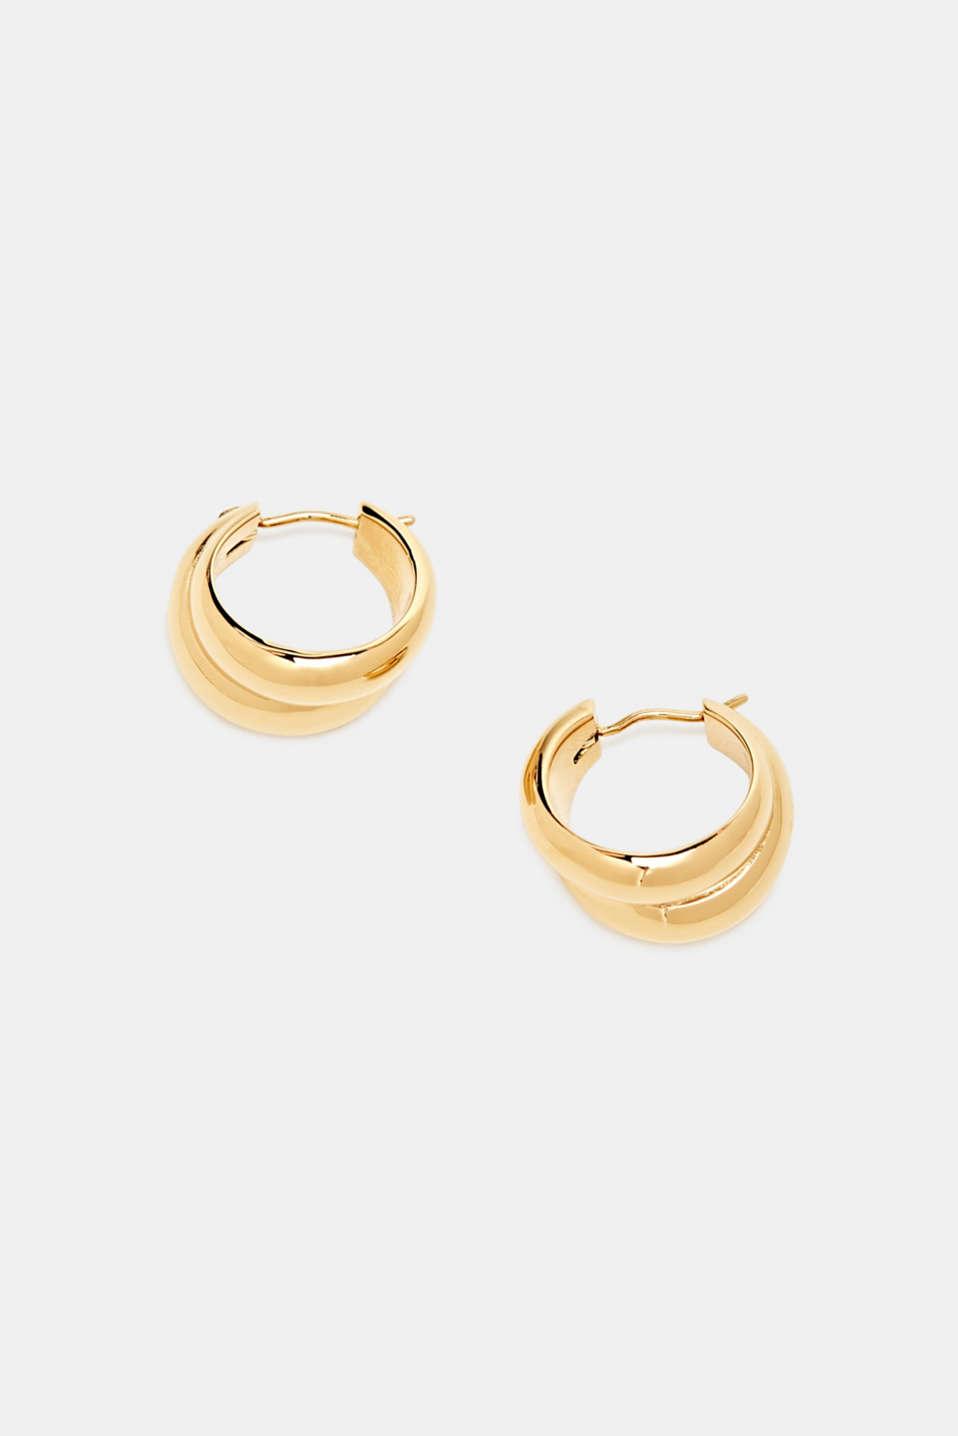 Stainless-steel hoop earrings, LCGOLD, detail image number 1